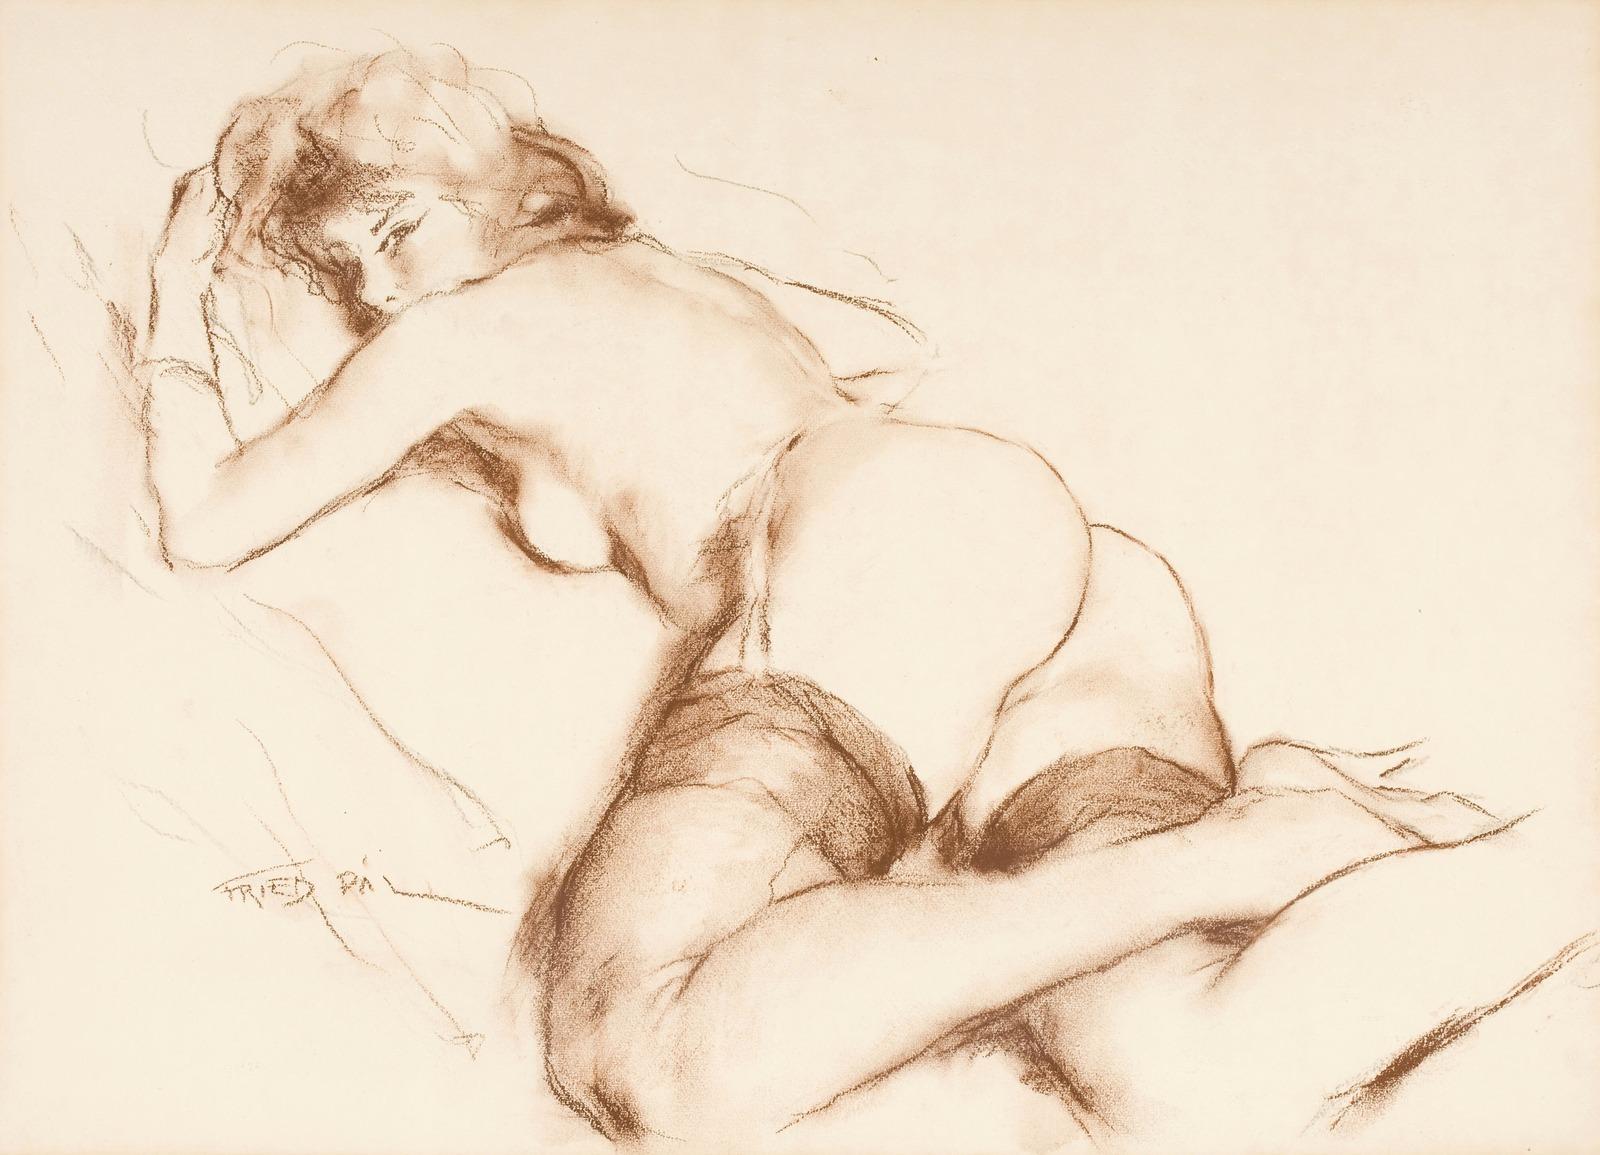 Яркие картины Пала Фрида Фрида, художник, театра, НьюЙорке, после, балета, легко, который, жизни, Люсьена, Ренуара, искусств, Академии, преподавал, Америку, эмигрировал, войны, мировой, Второй, частности